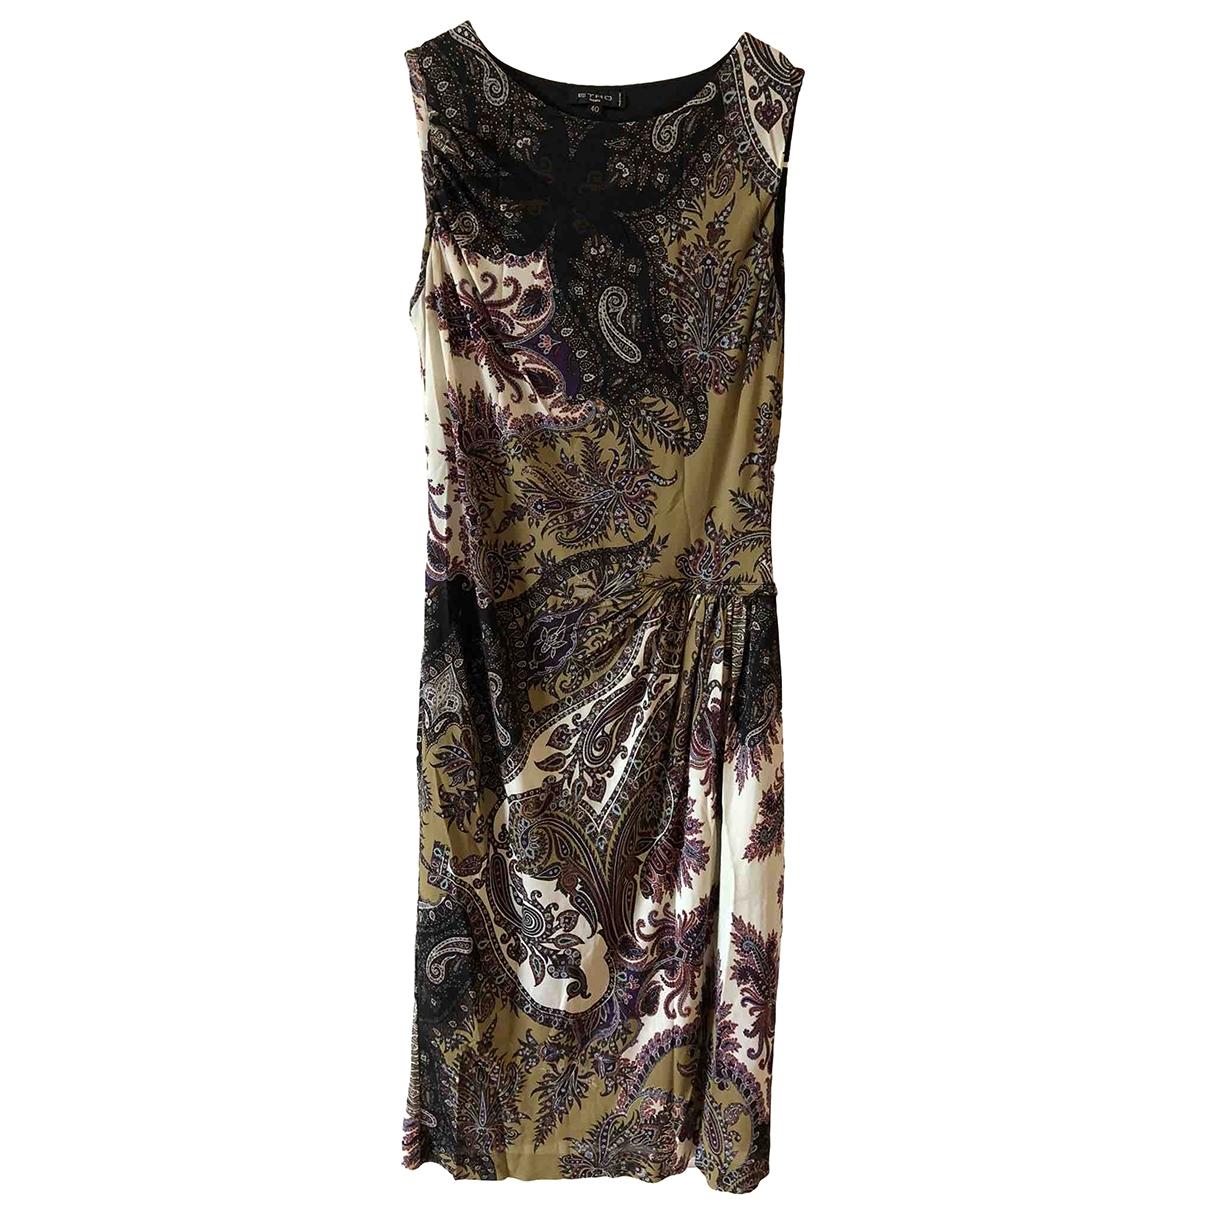 Etro \N Black dress for Women 40 IT